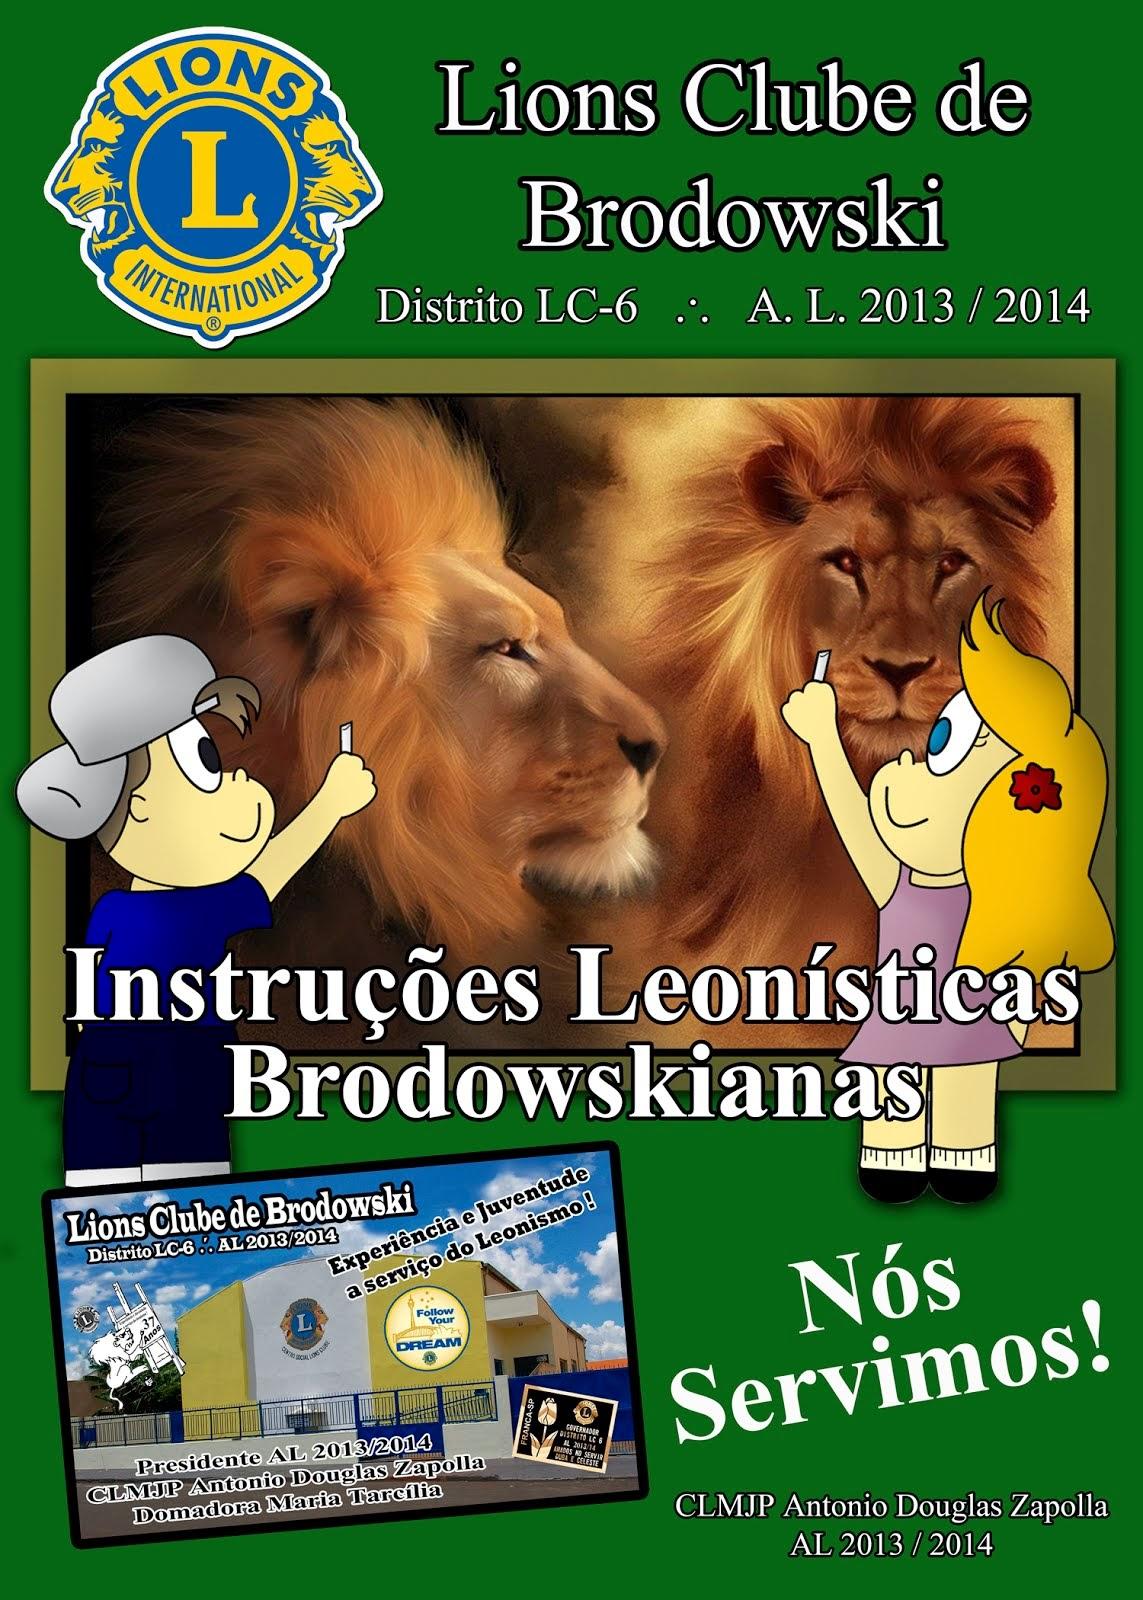 INSTRUÇÕES LEONISTICAS BRODOWSKIANIS